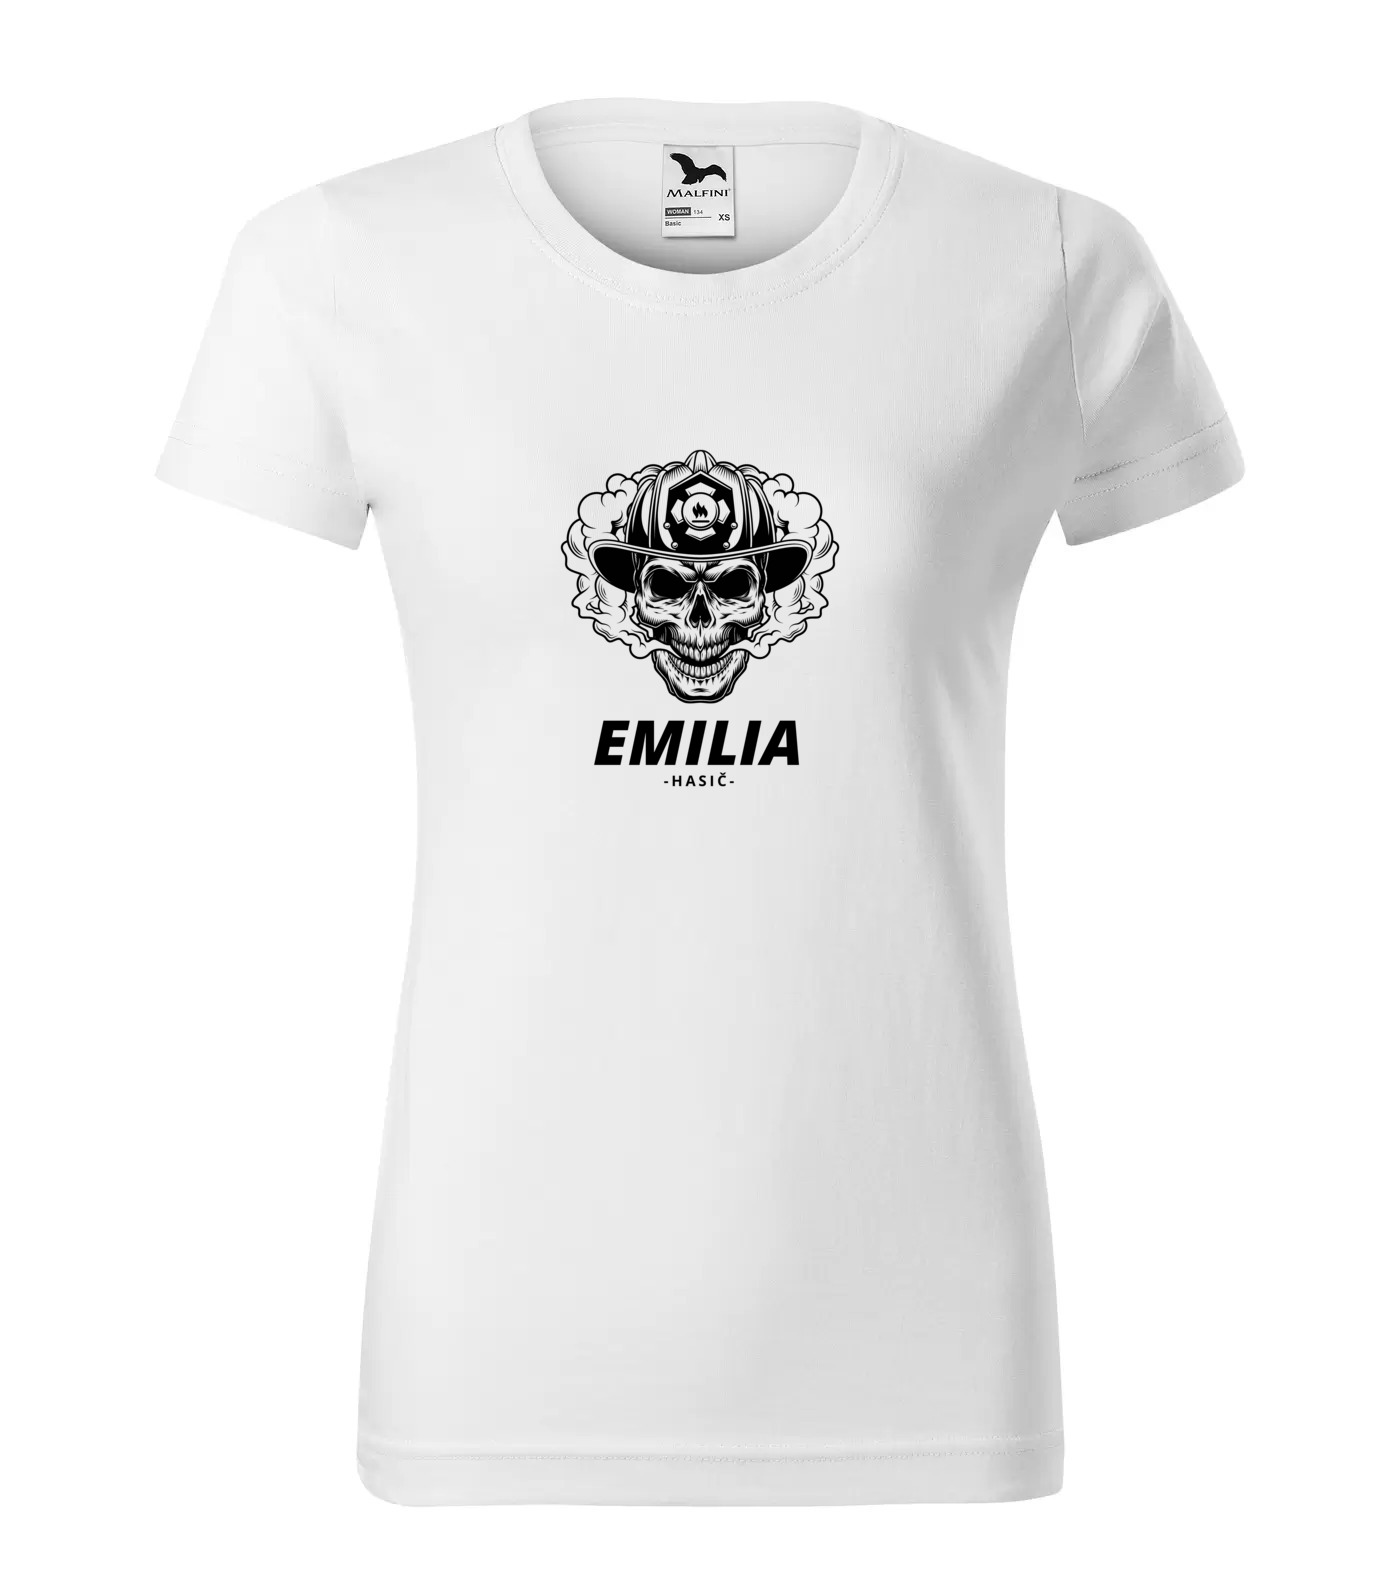 Tričko Hasič Emilia